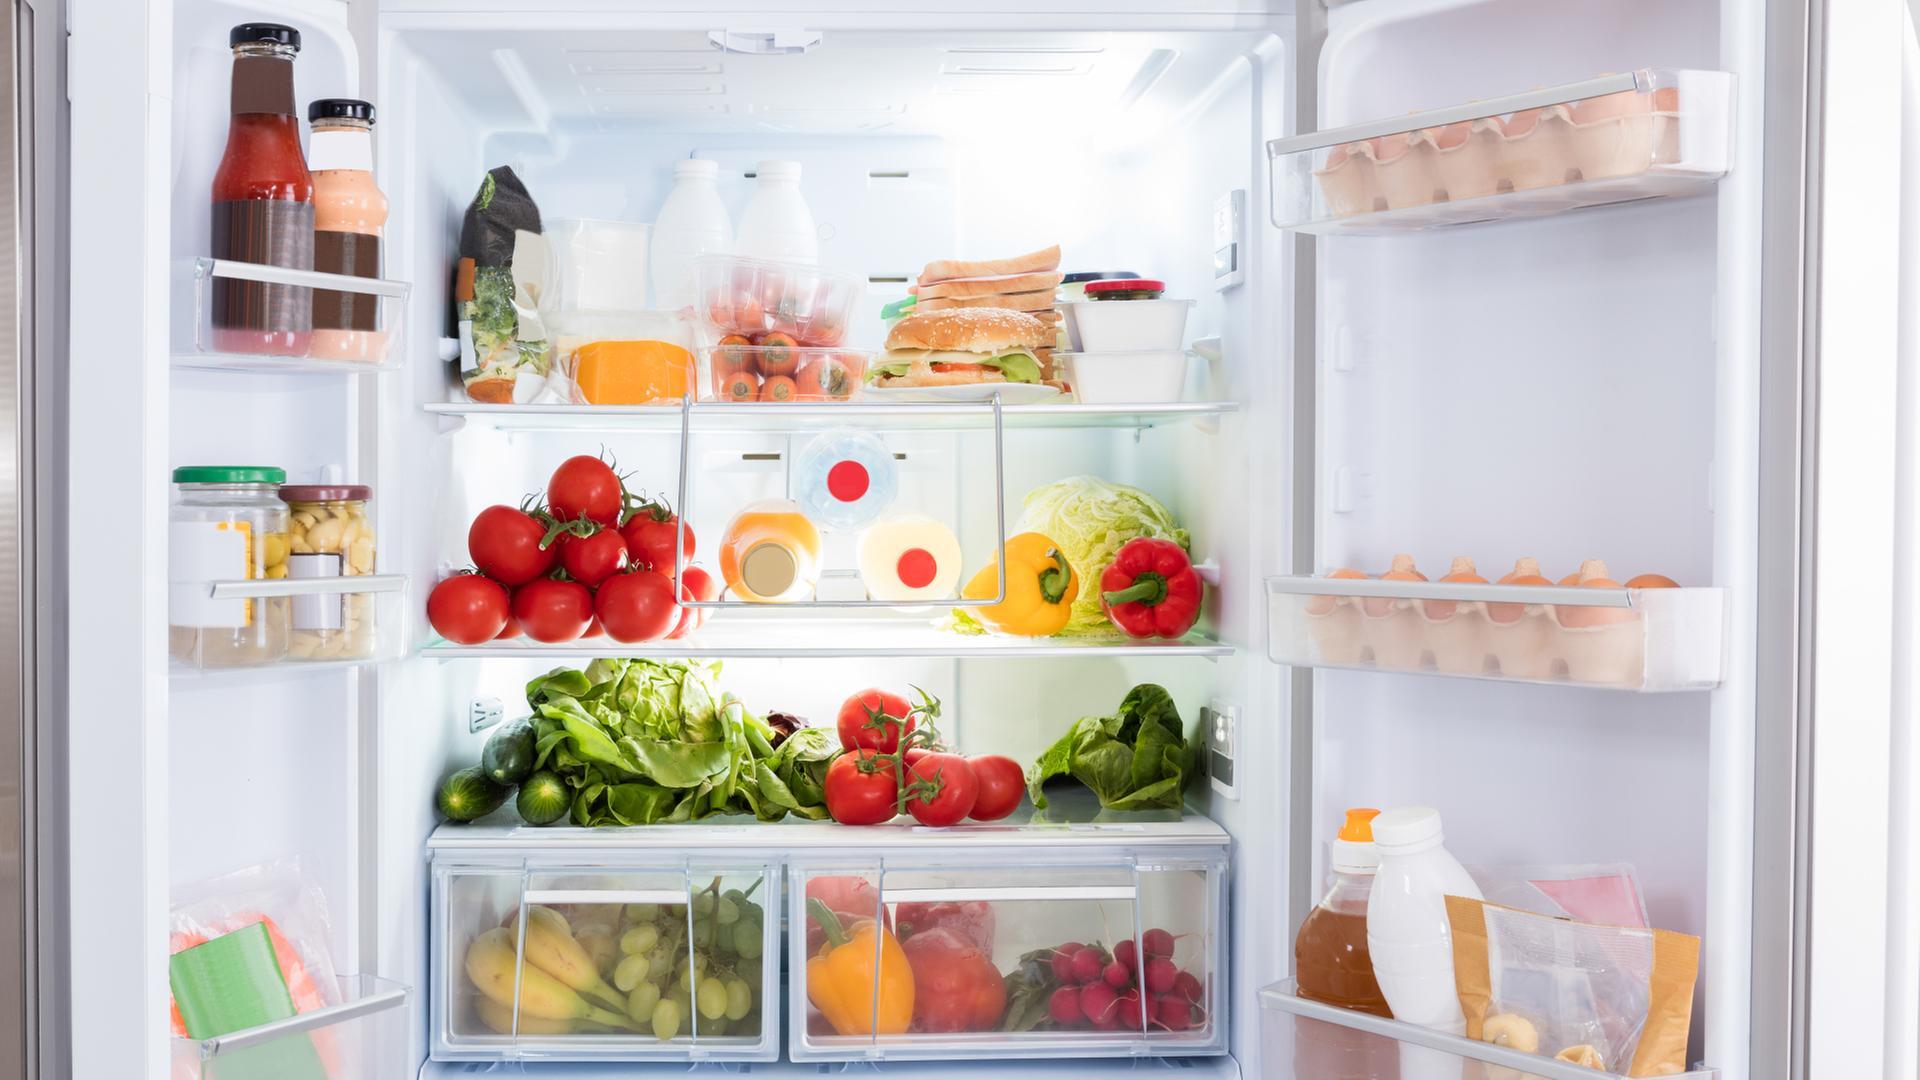 Mini Cooper Kühlschrank : Sommer kälte l mini auto kühlschrank kälte haushalts kühlschrank